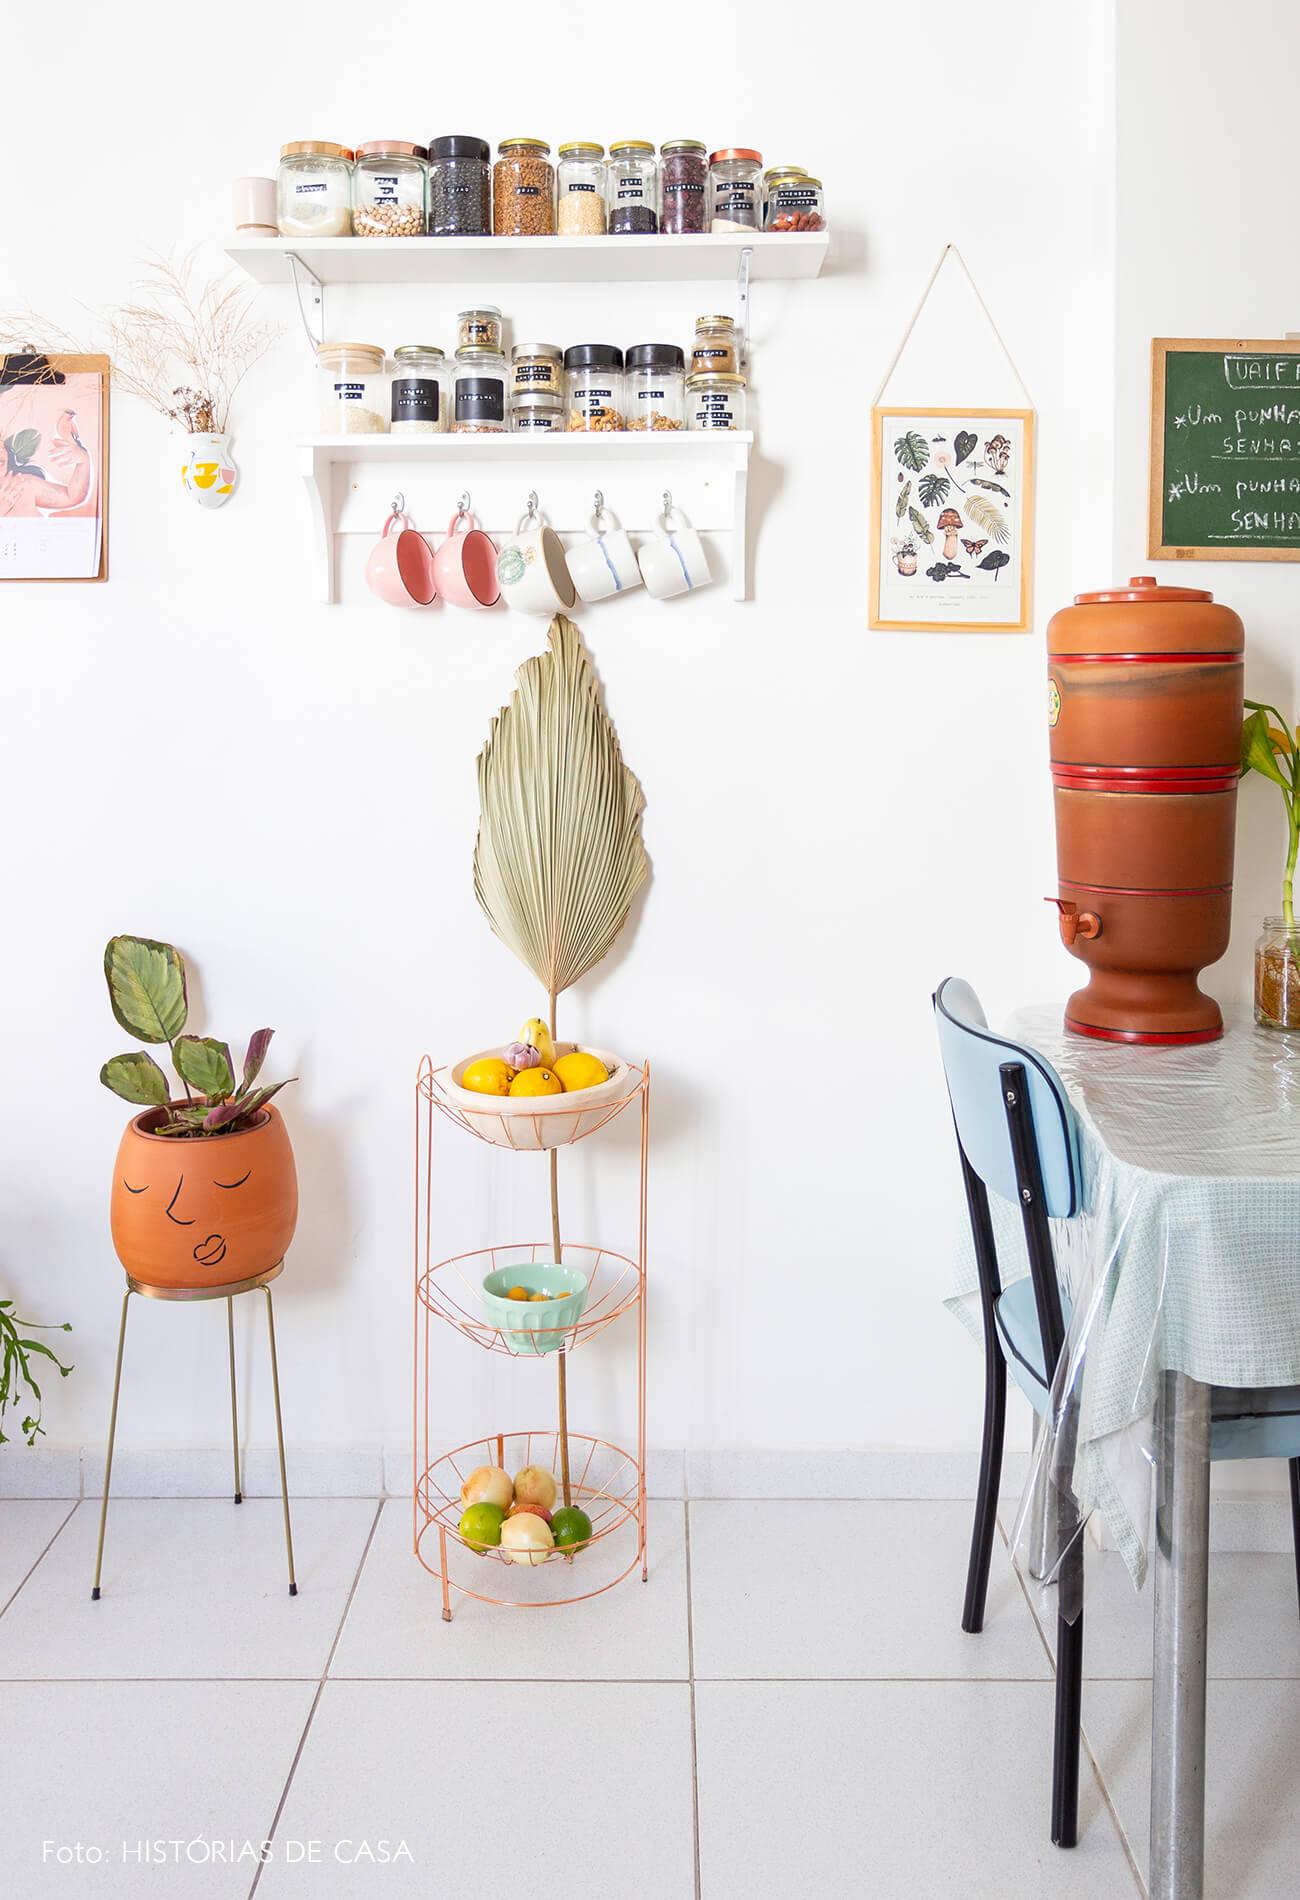 decoração cozinha cesto metalico